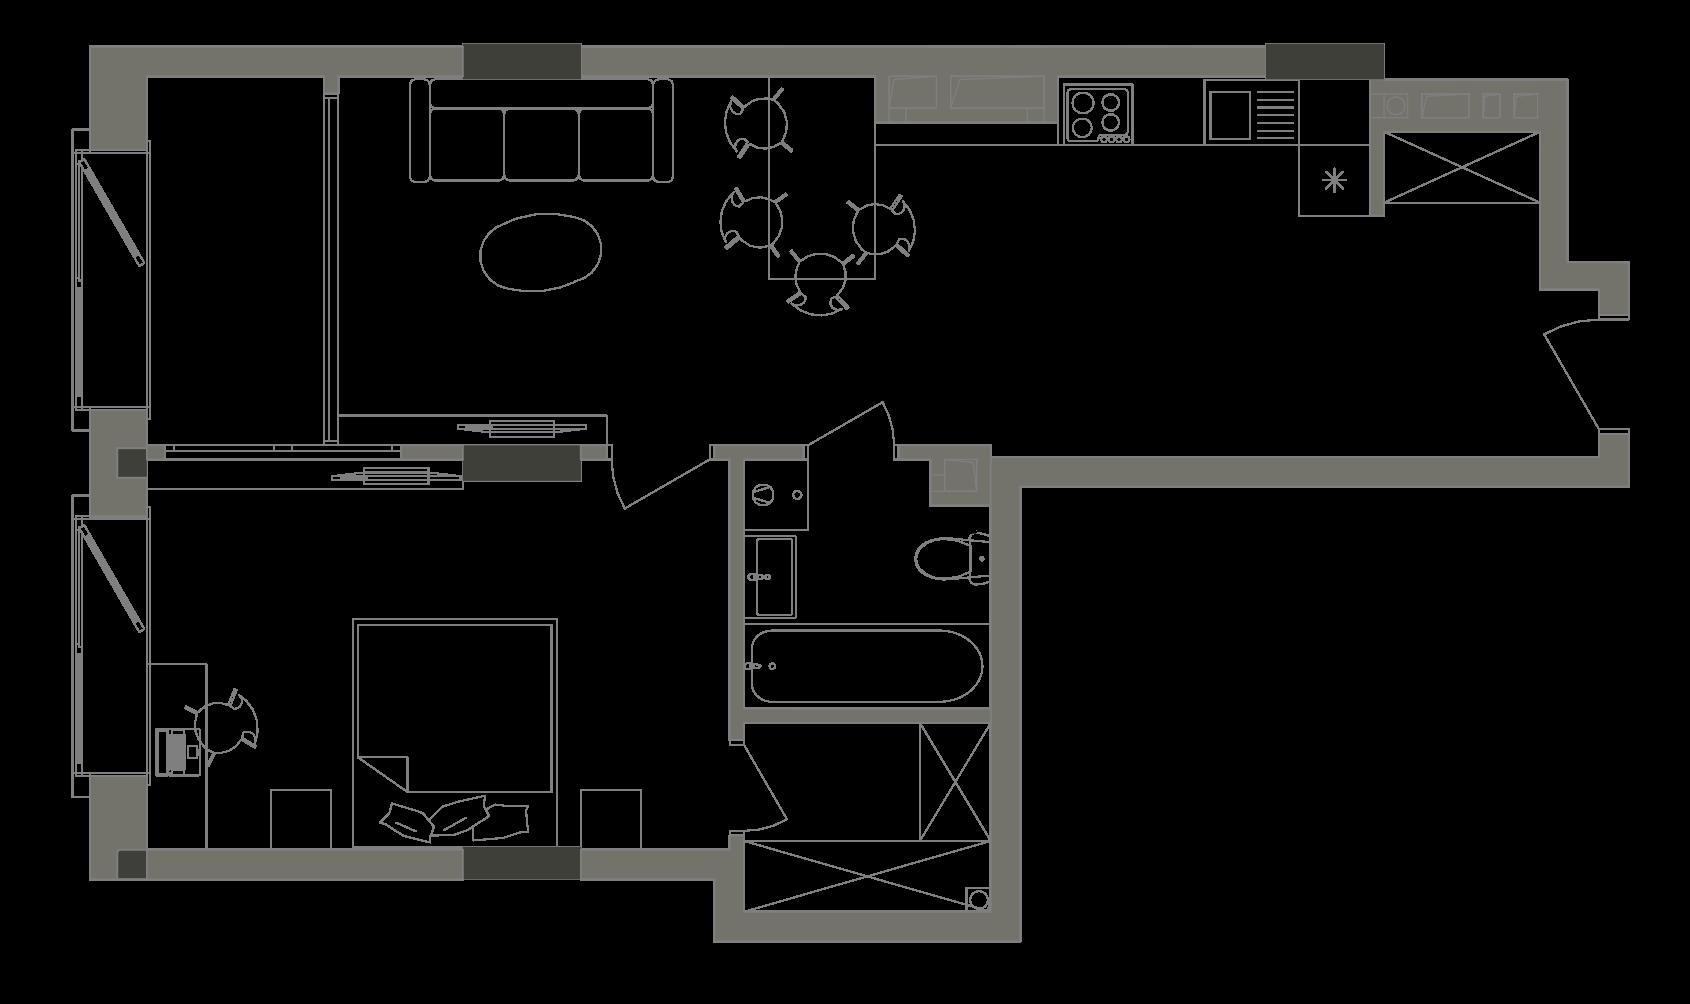 Квартира KV_4_1B_1_1_4